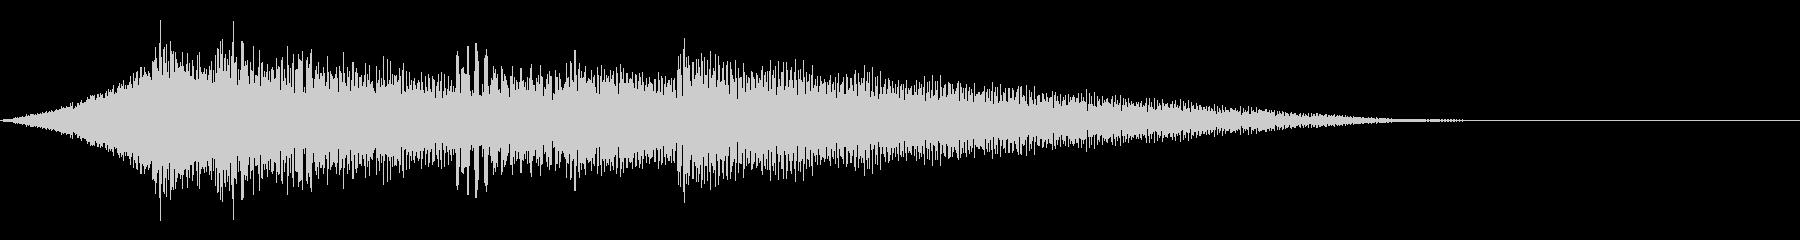 クールなエレピジングルの未再生の波形